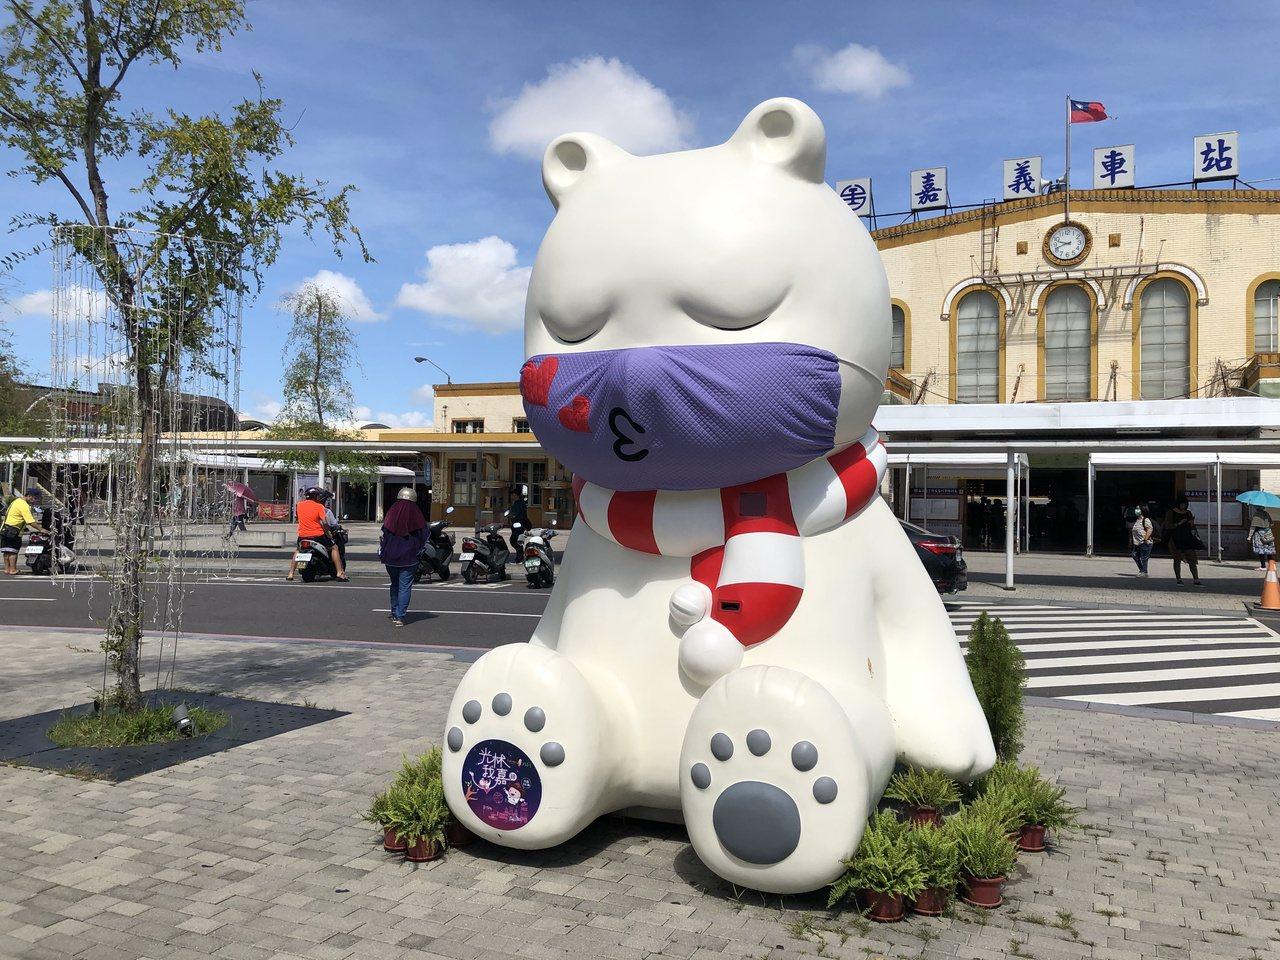 到了嘉義火車站,可看到廣場有高達3公尺高的沉睡大白熊公仔。 圖/市府提供